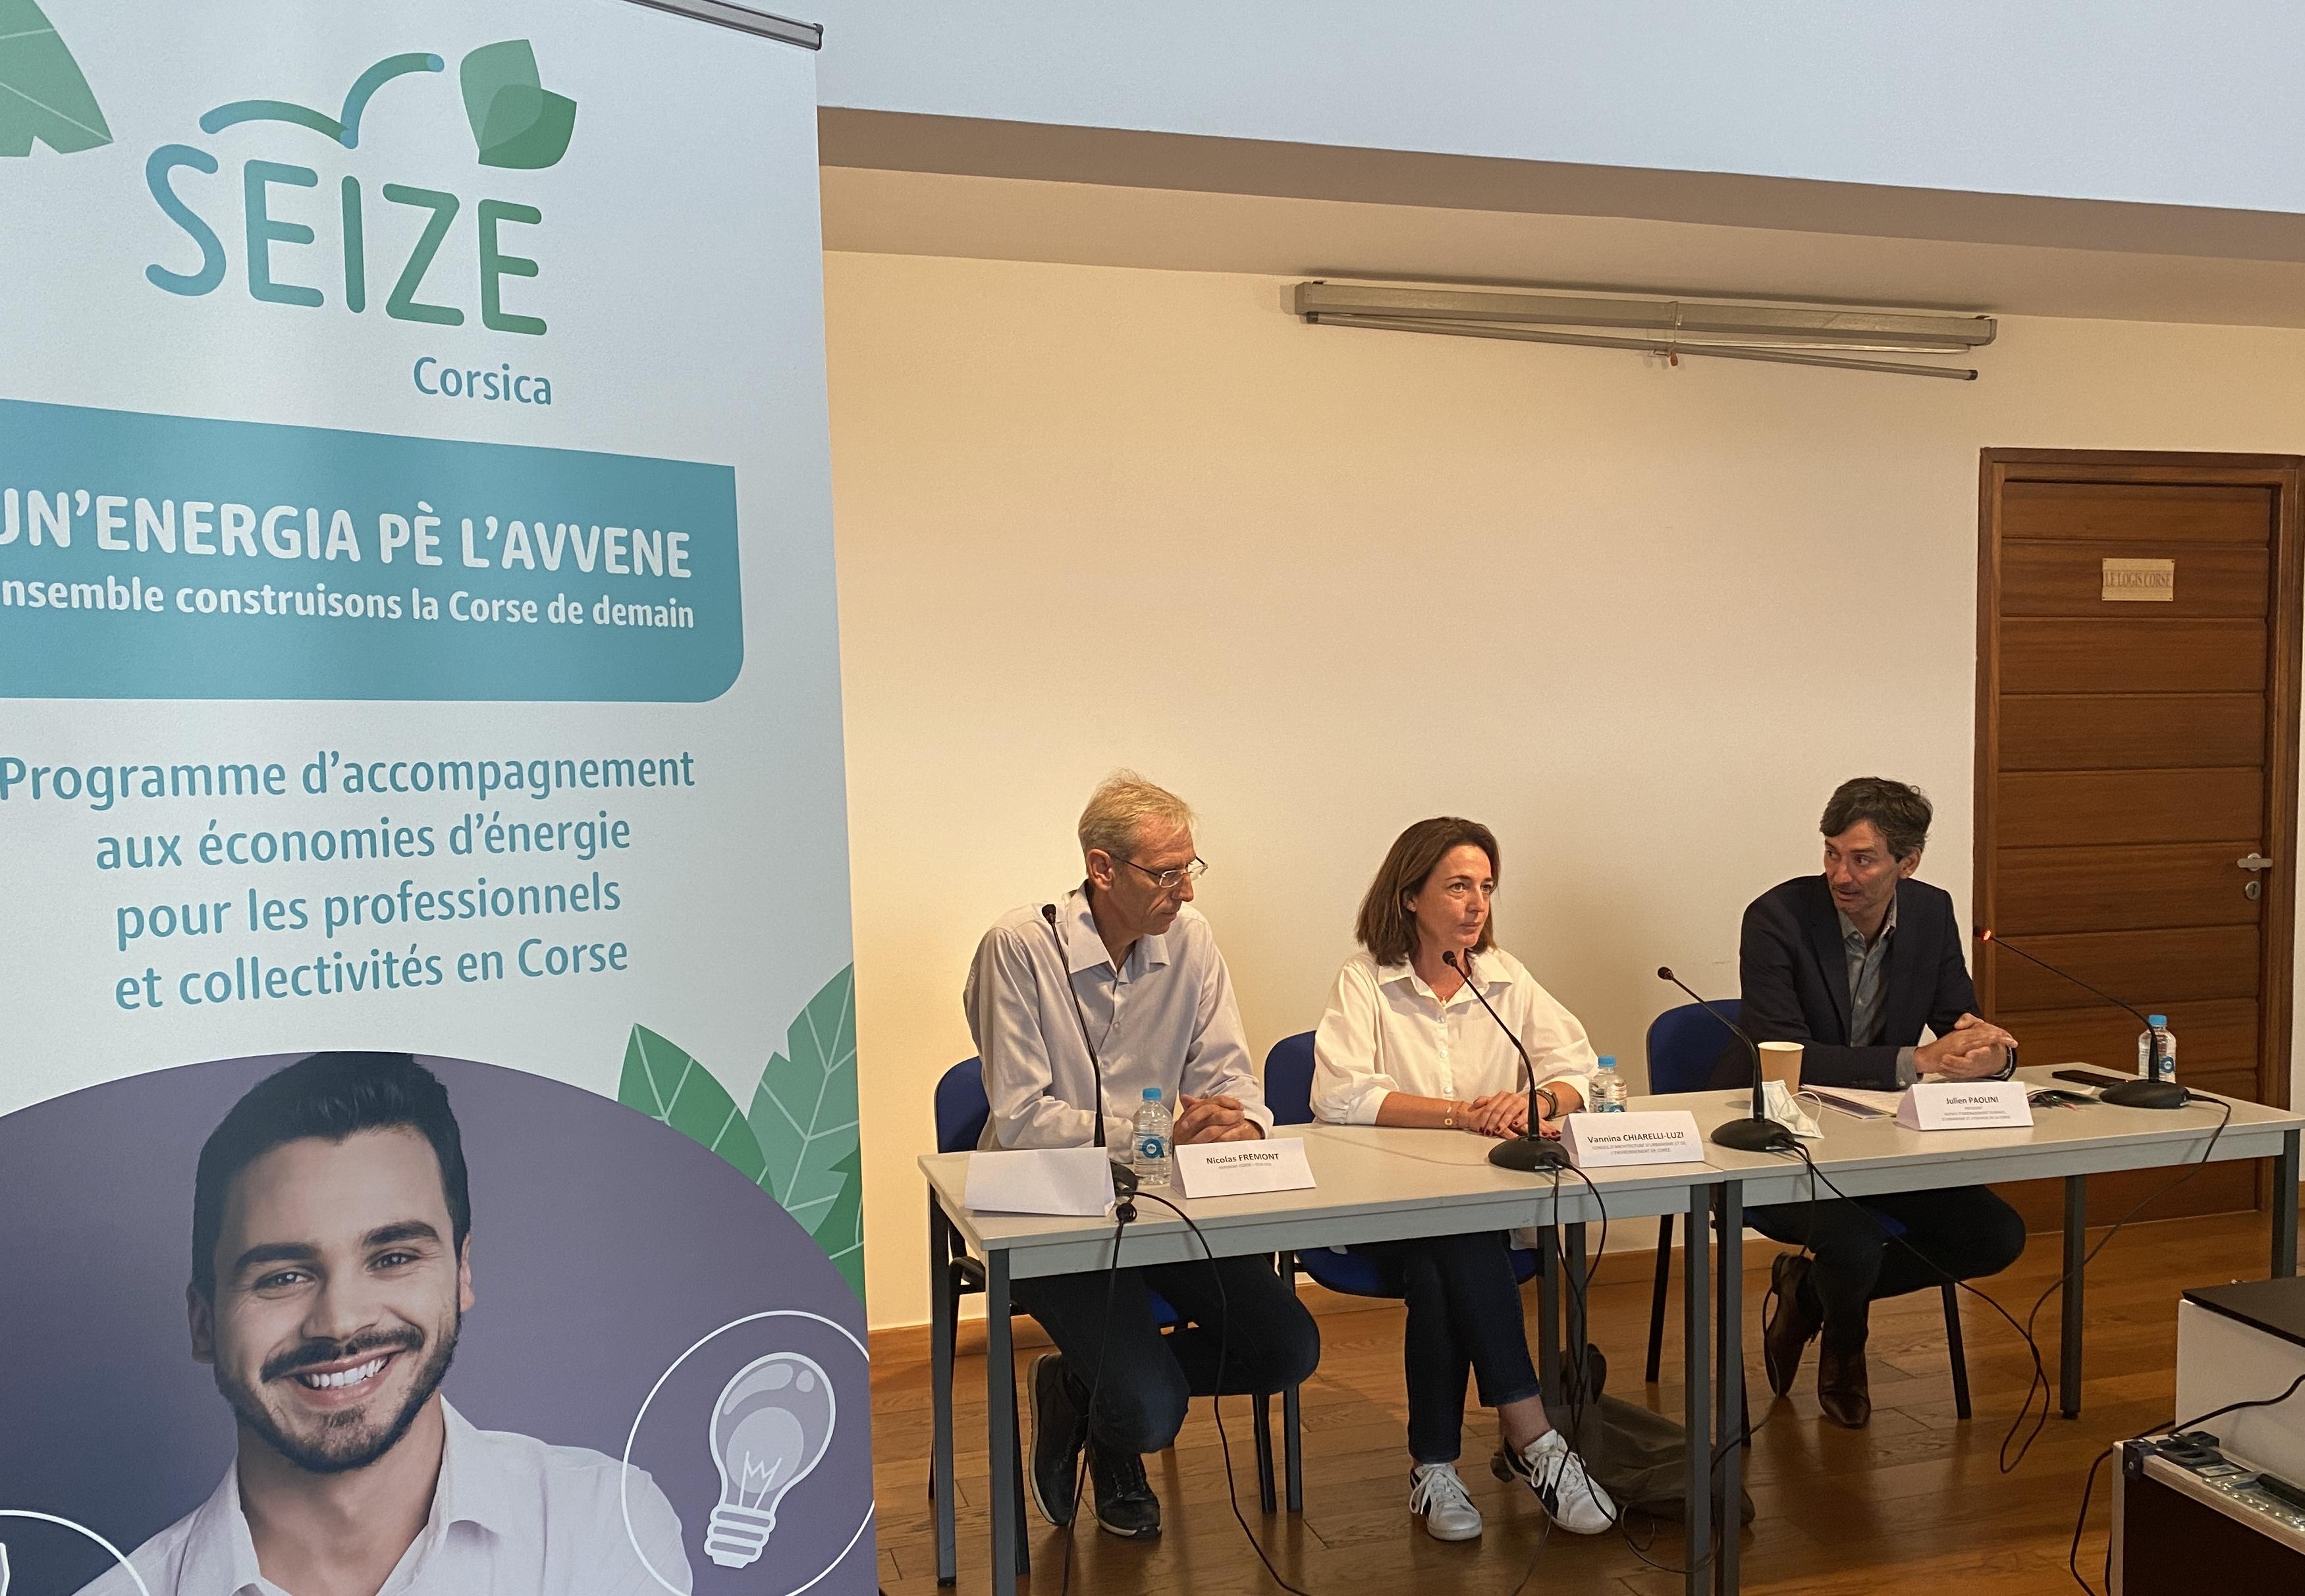 """Le programme """"Seize"""" permet d'accompagner les entreprises vers des économies d'énergie"""